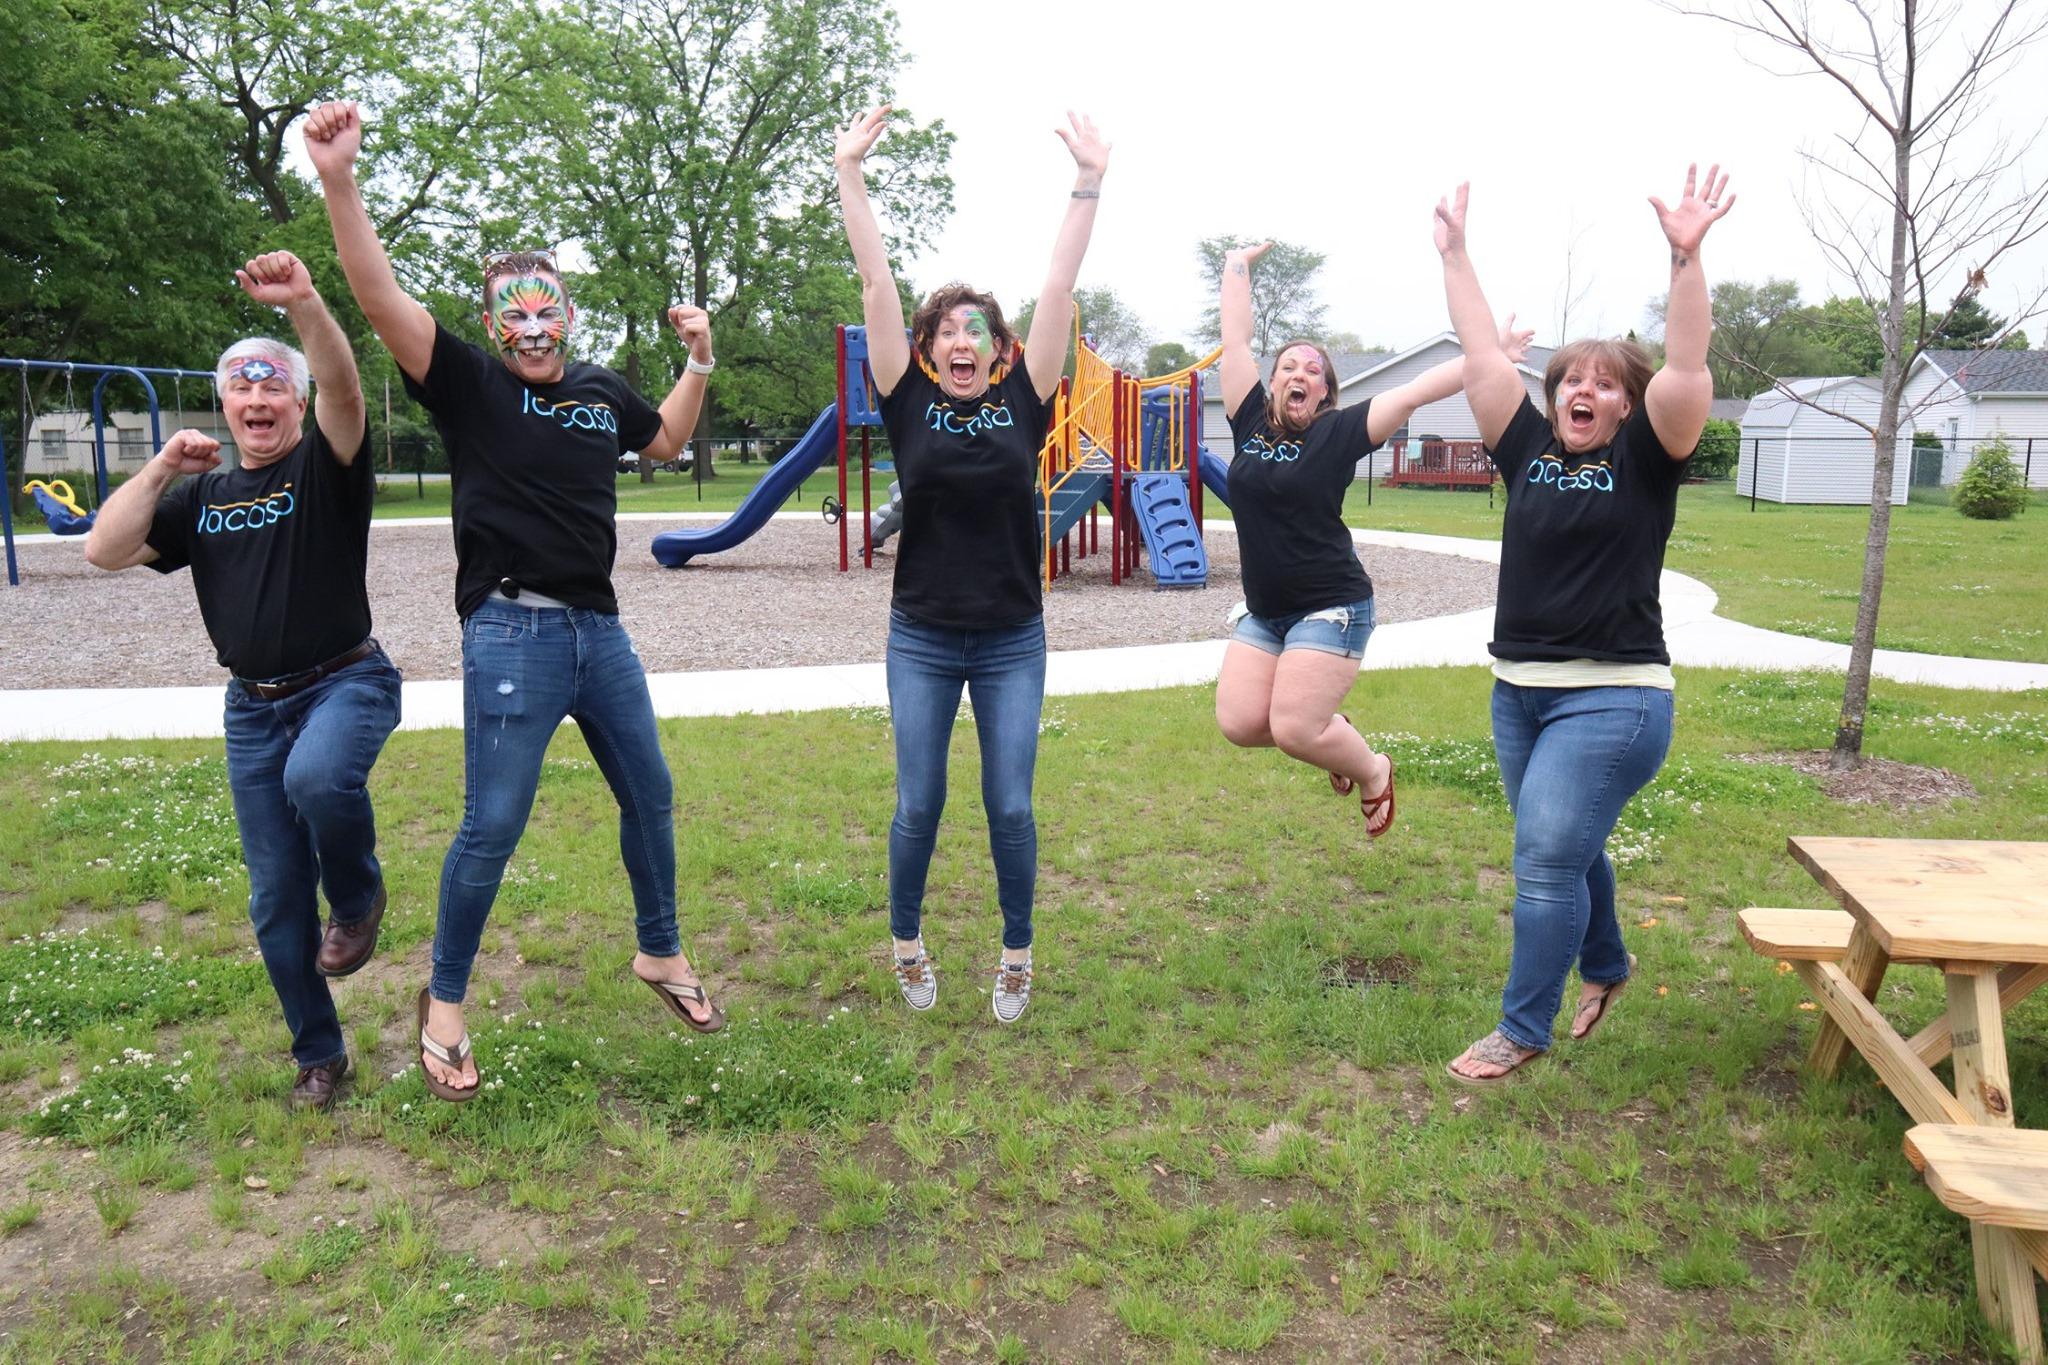 Lacasa volunteers celebrating